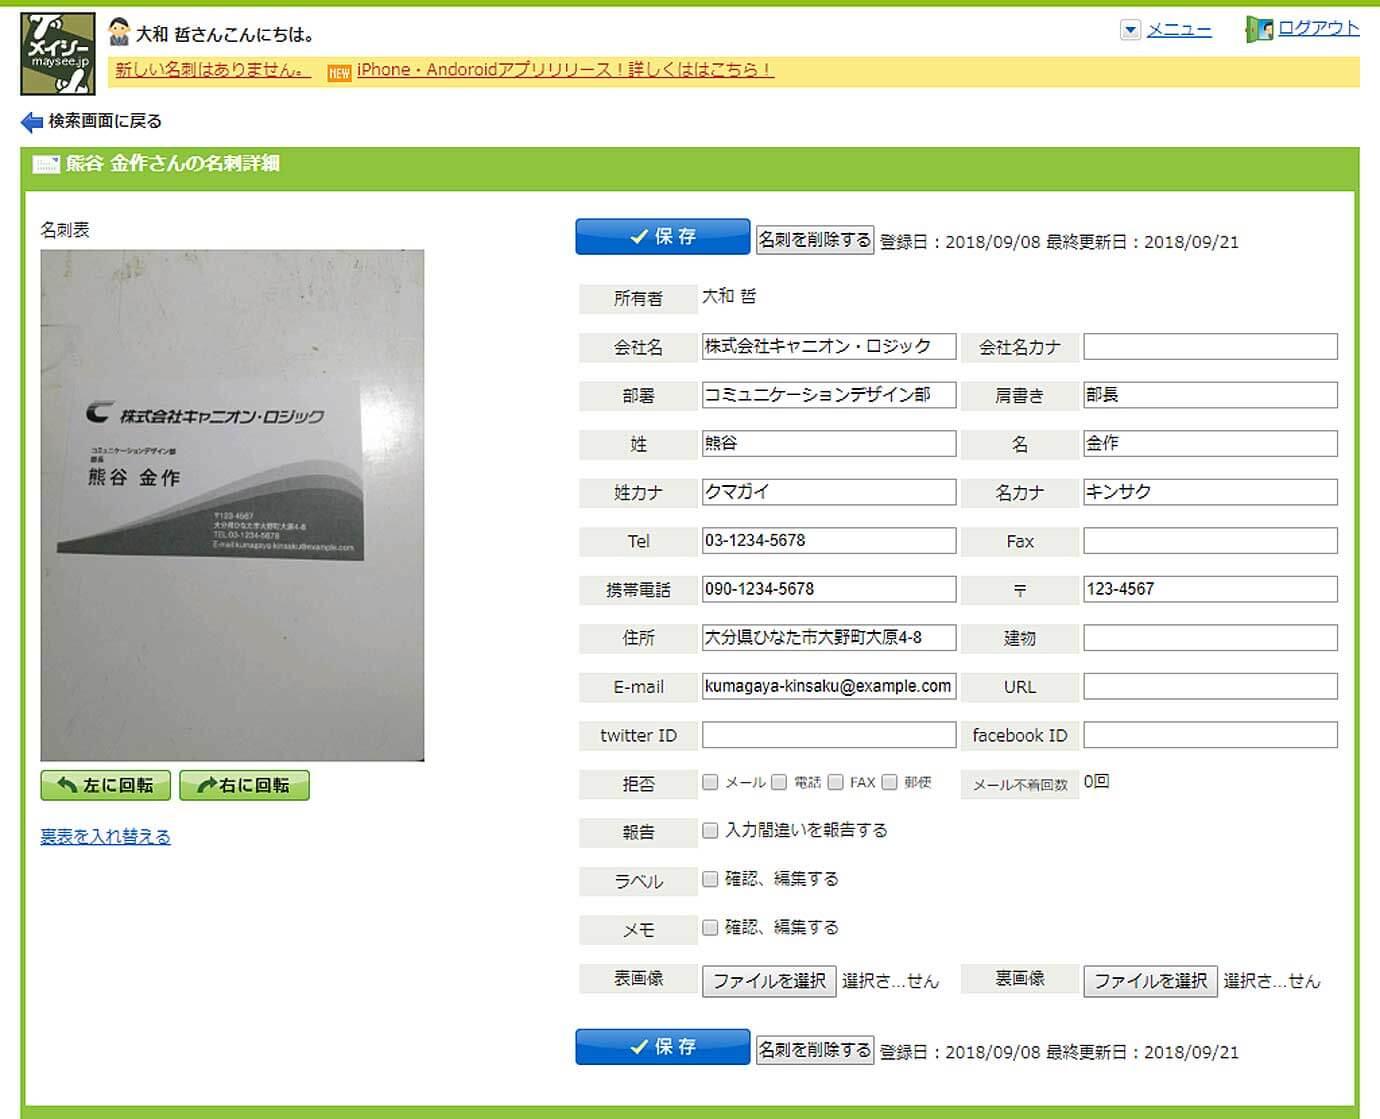 名刺詳細では、メイン画面に表示されない詳細情報を確認・編集することが可能です。